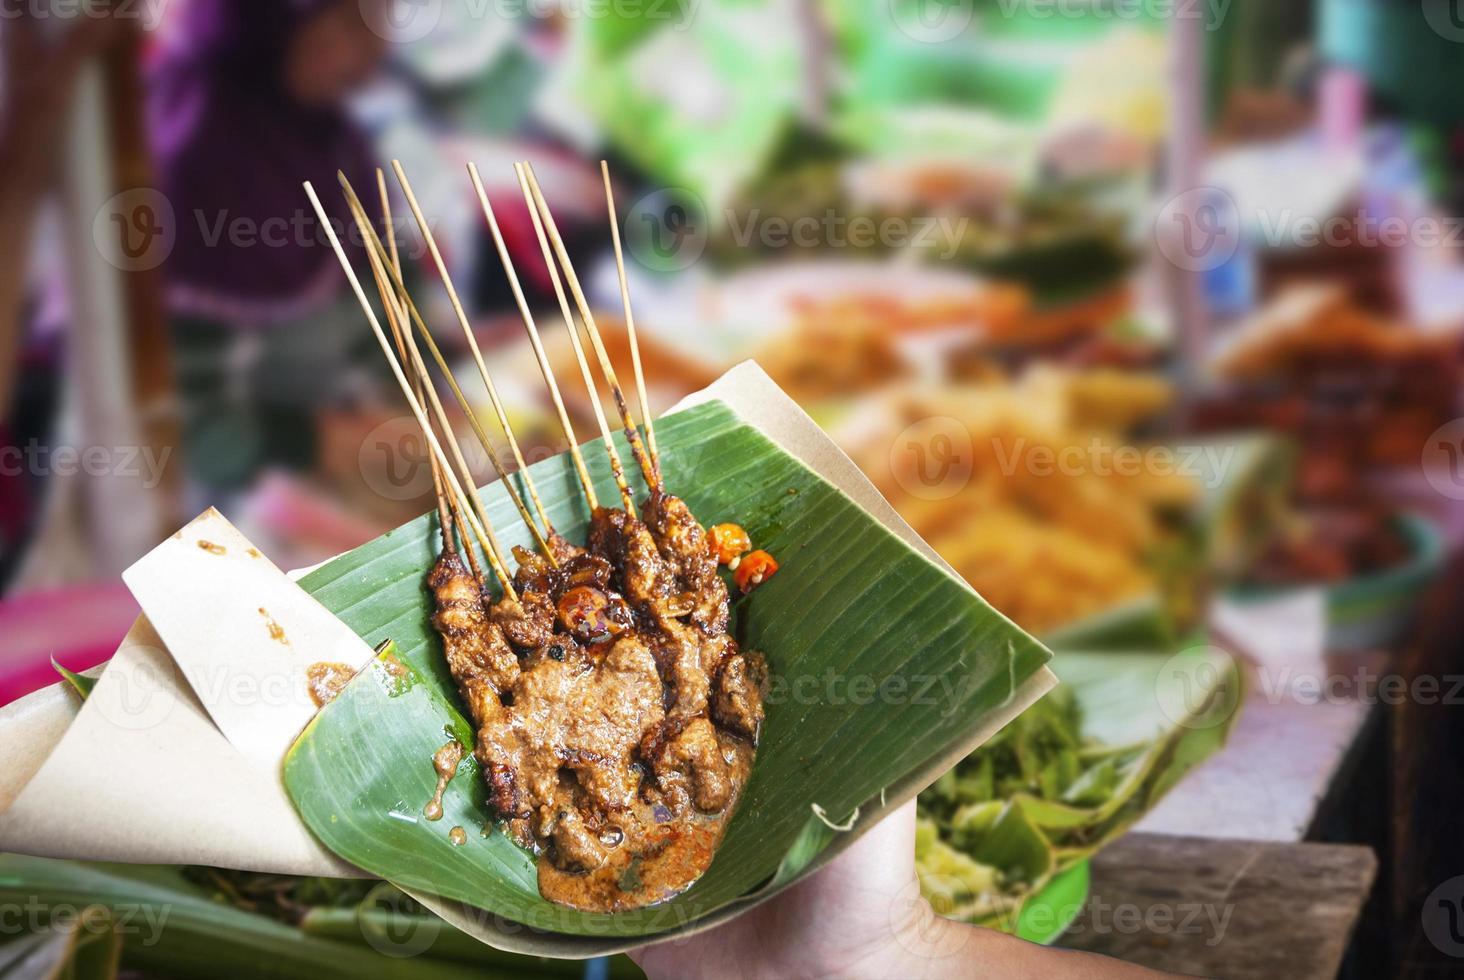 espetadas de frango indonésio na folha foto